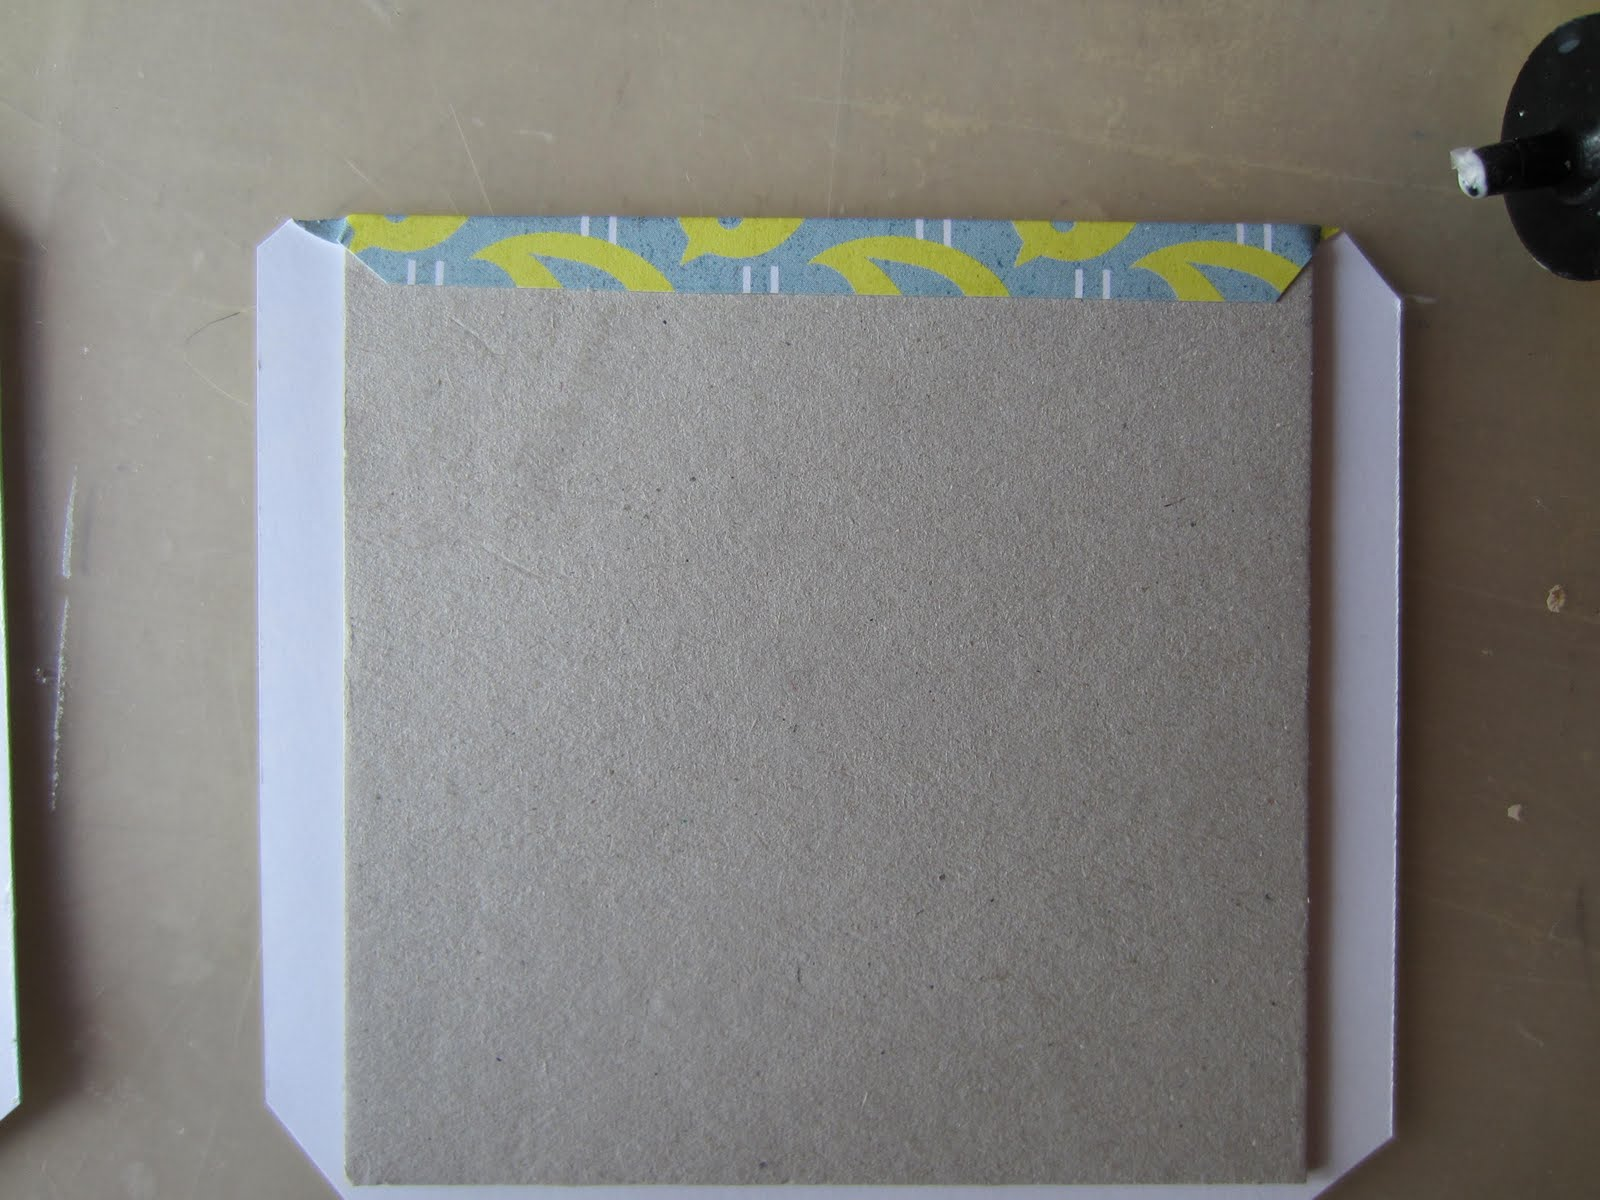 Häufig Papierkatze: Ein Leporello selber basteln? Hier folgt die genaue WN52